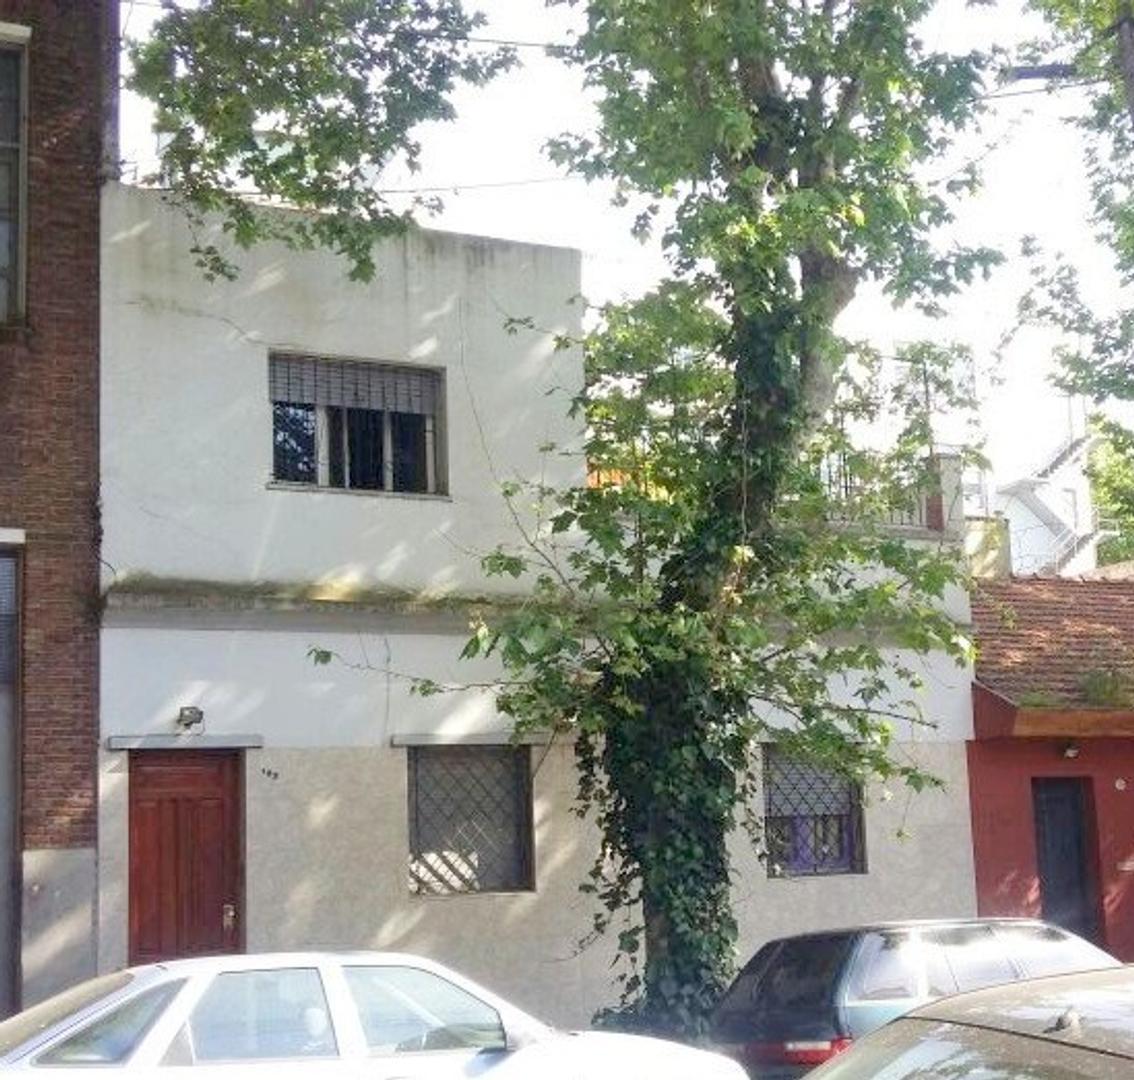 PH de 3 ambientes en 2 plantas. 2 Dormitorios. 80 m2 cub. Ideal vivienda multifamiliar. OPORTUNIDAD